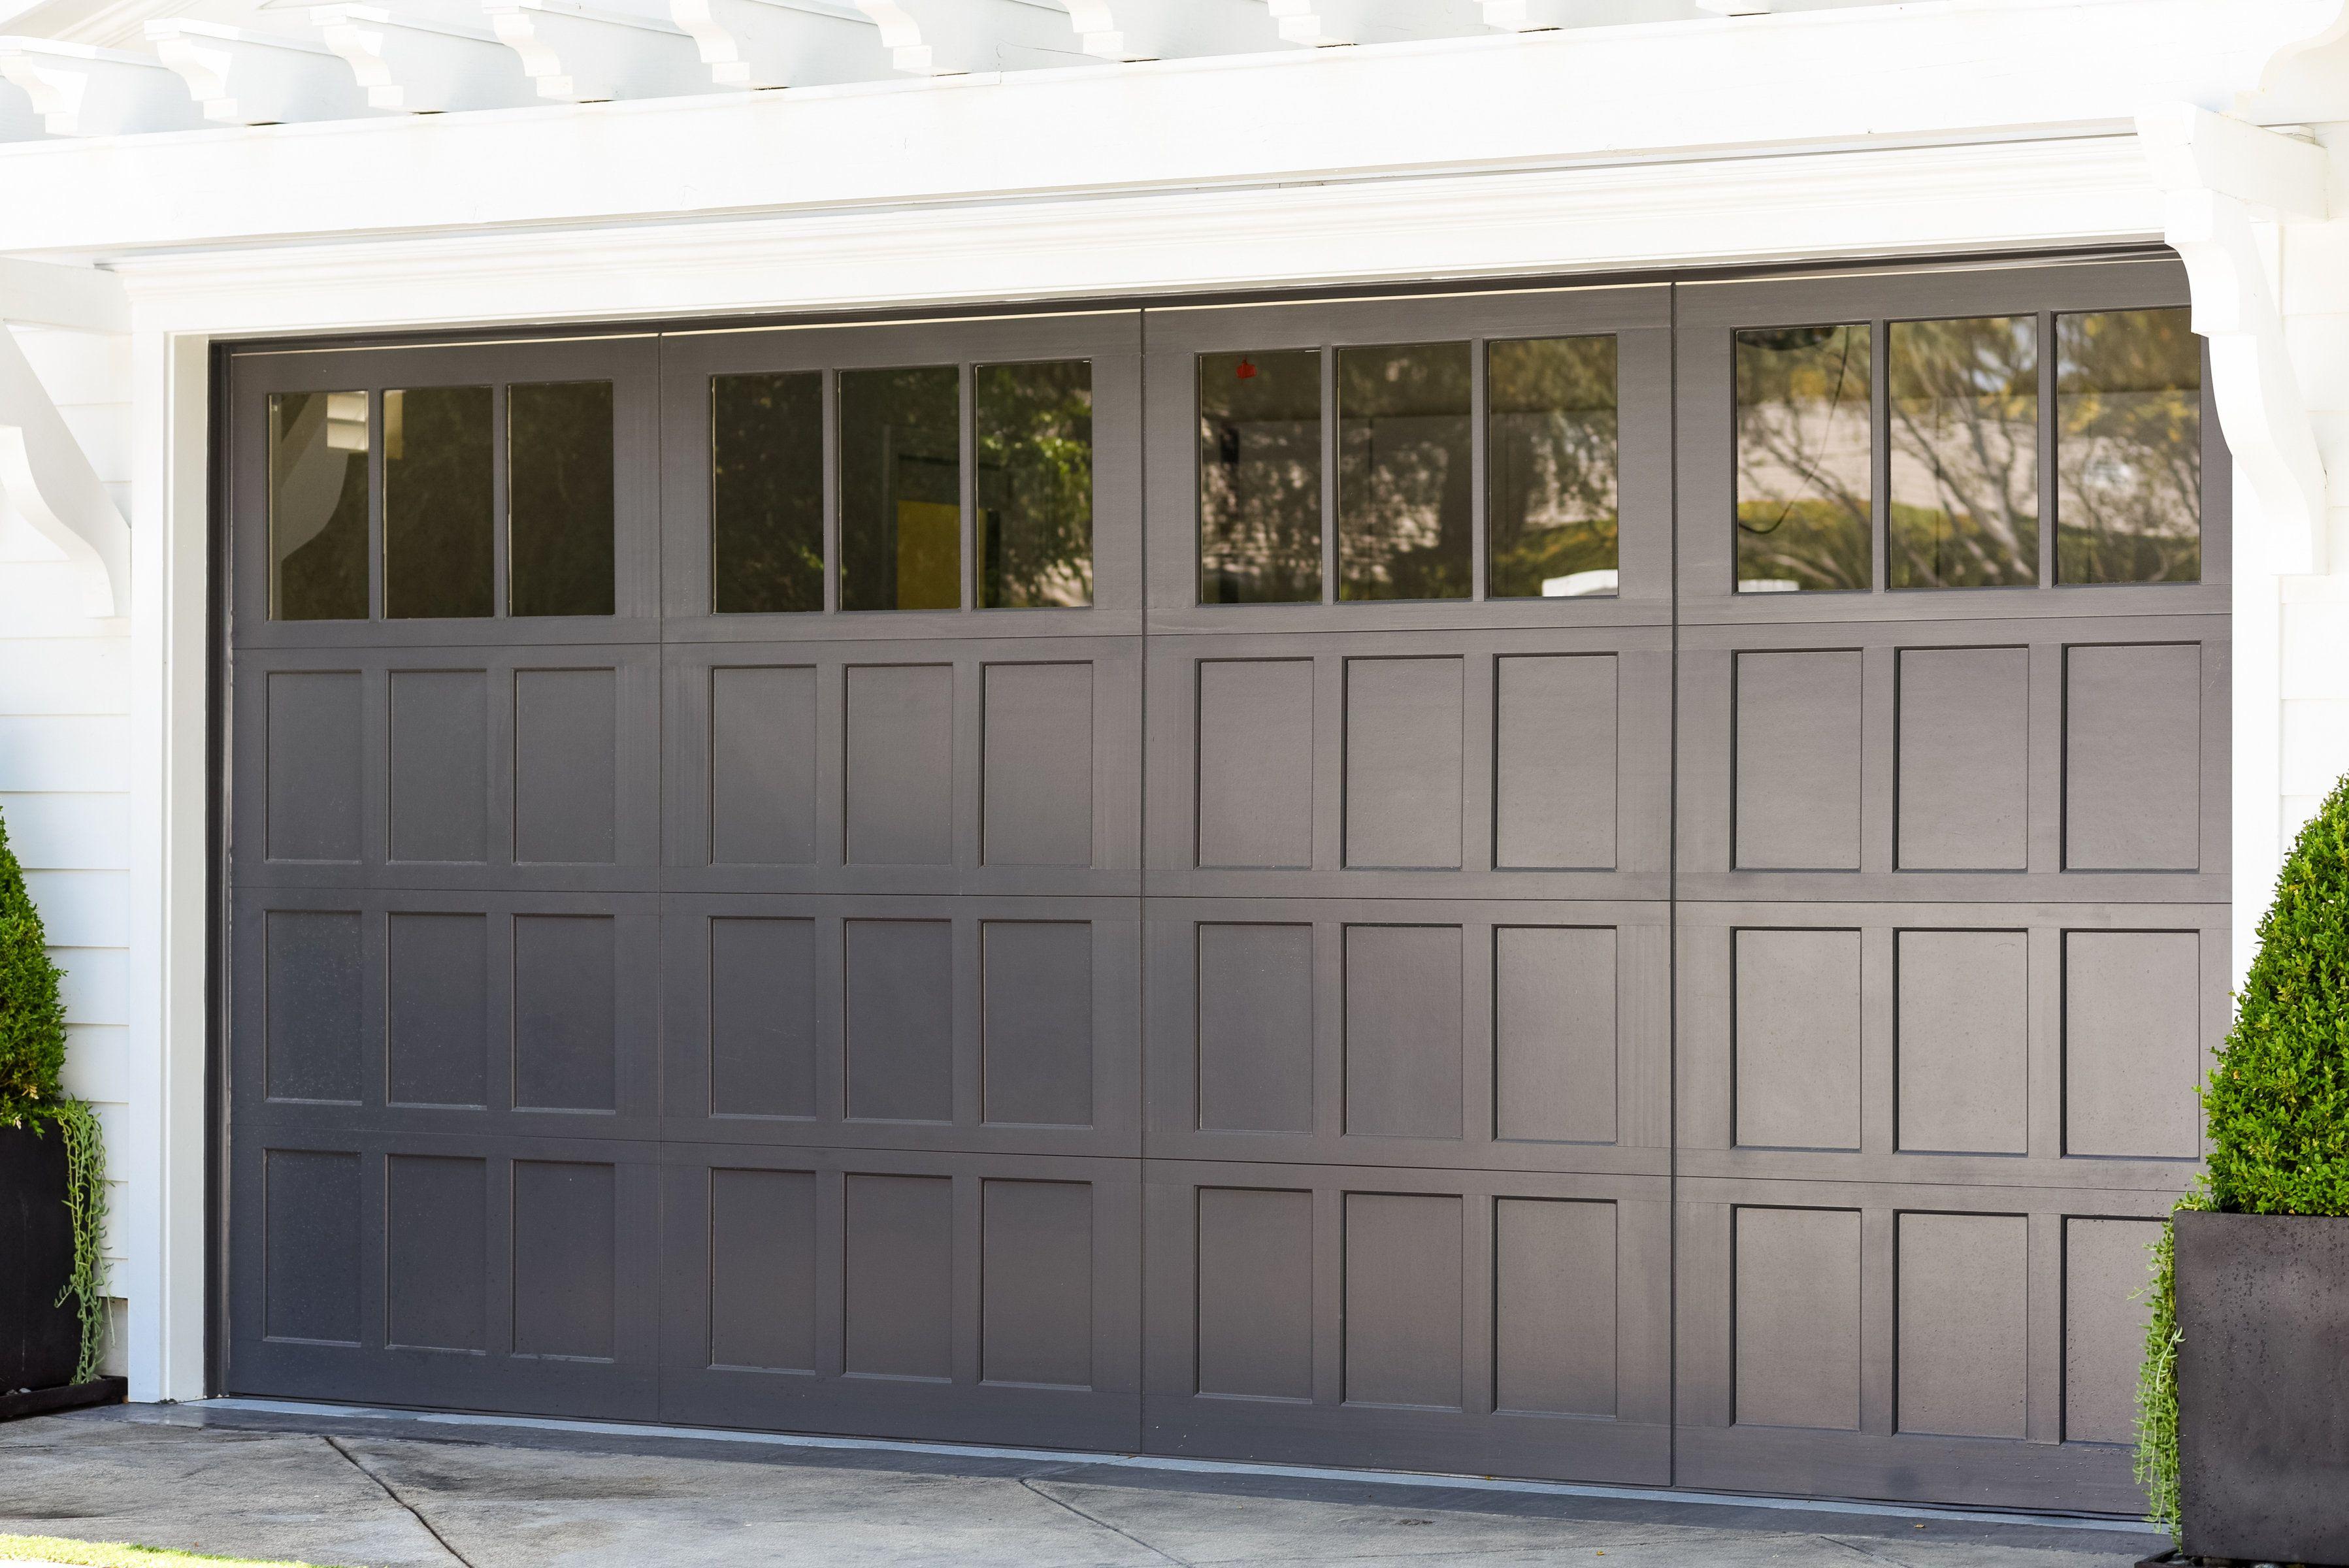 Beautiful Wayne Dalton 7104 Carriage Door with 12 Light